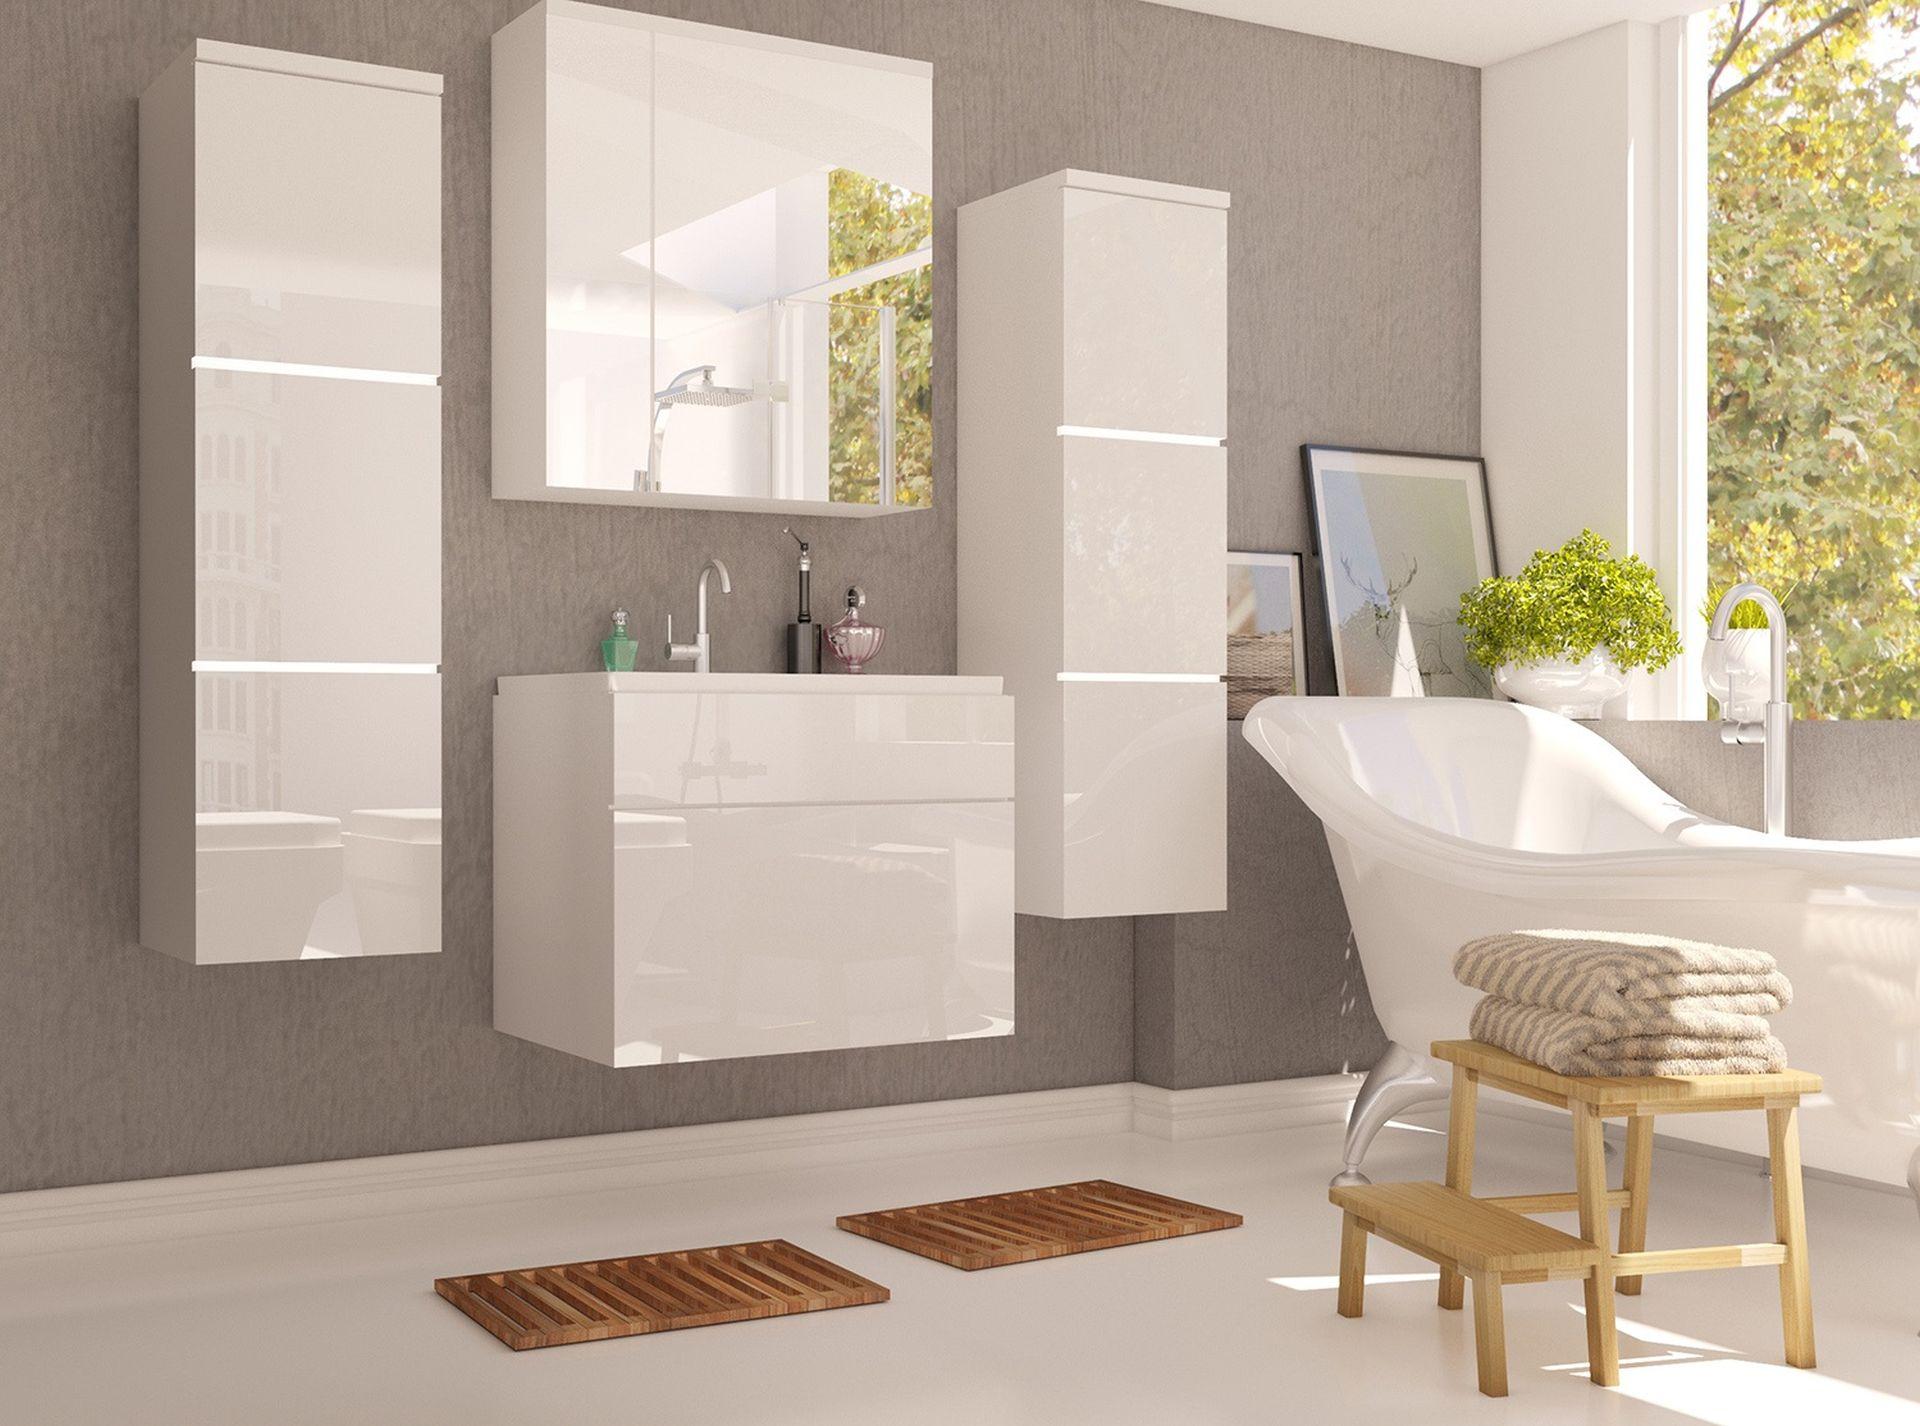 Badezimmermöbel Set Porta – Weiß Hochglanz